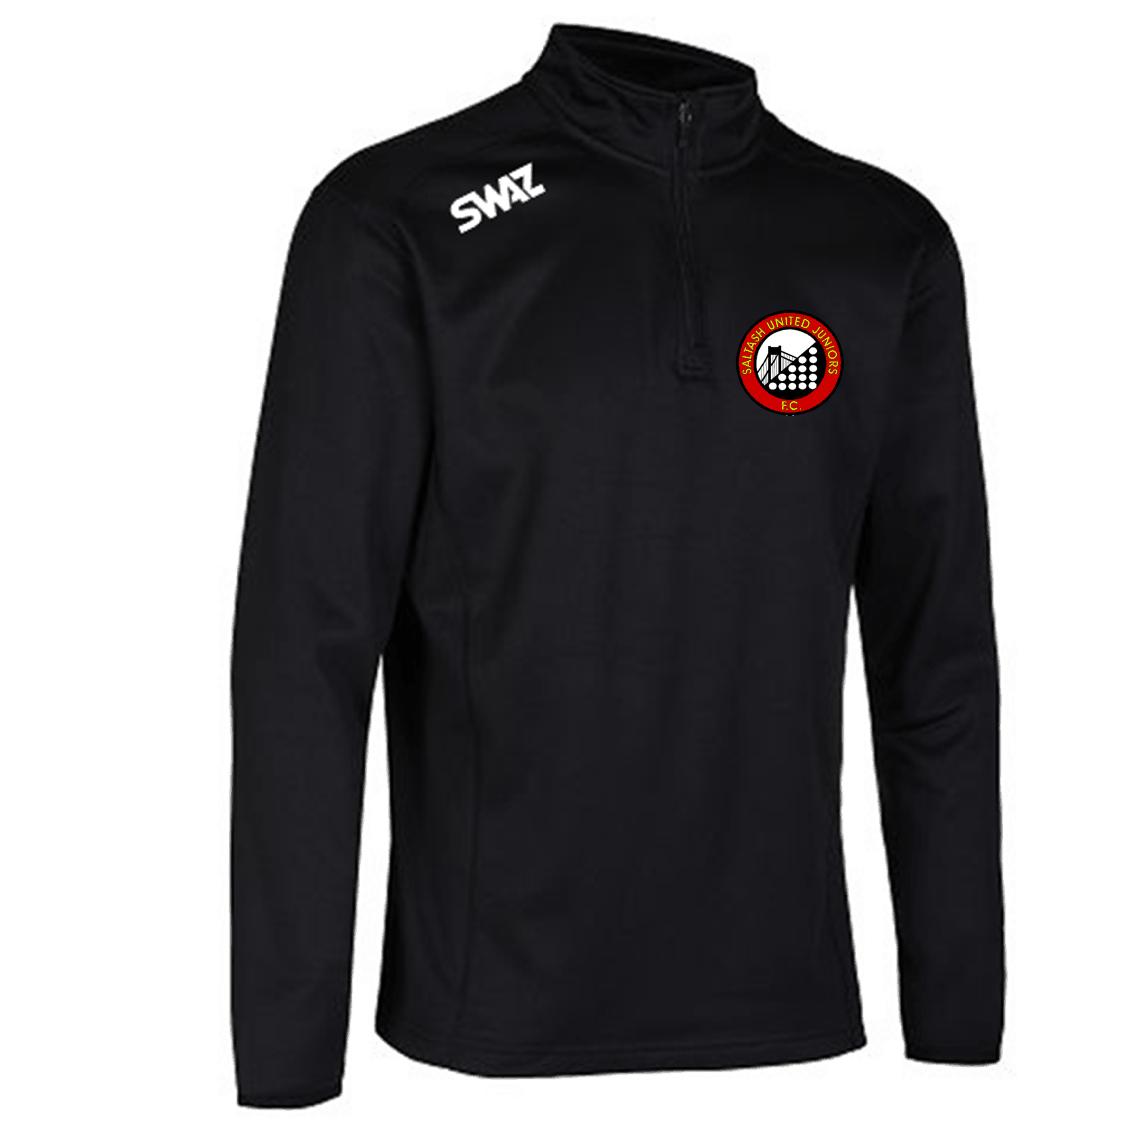 Saltash United Midlayer | SWAZ Teamwear | Football Kit Supplier